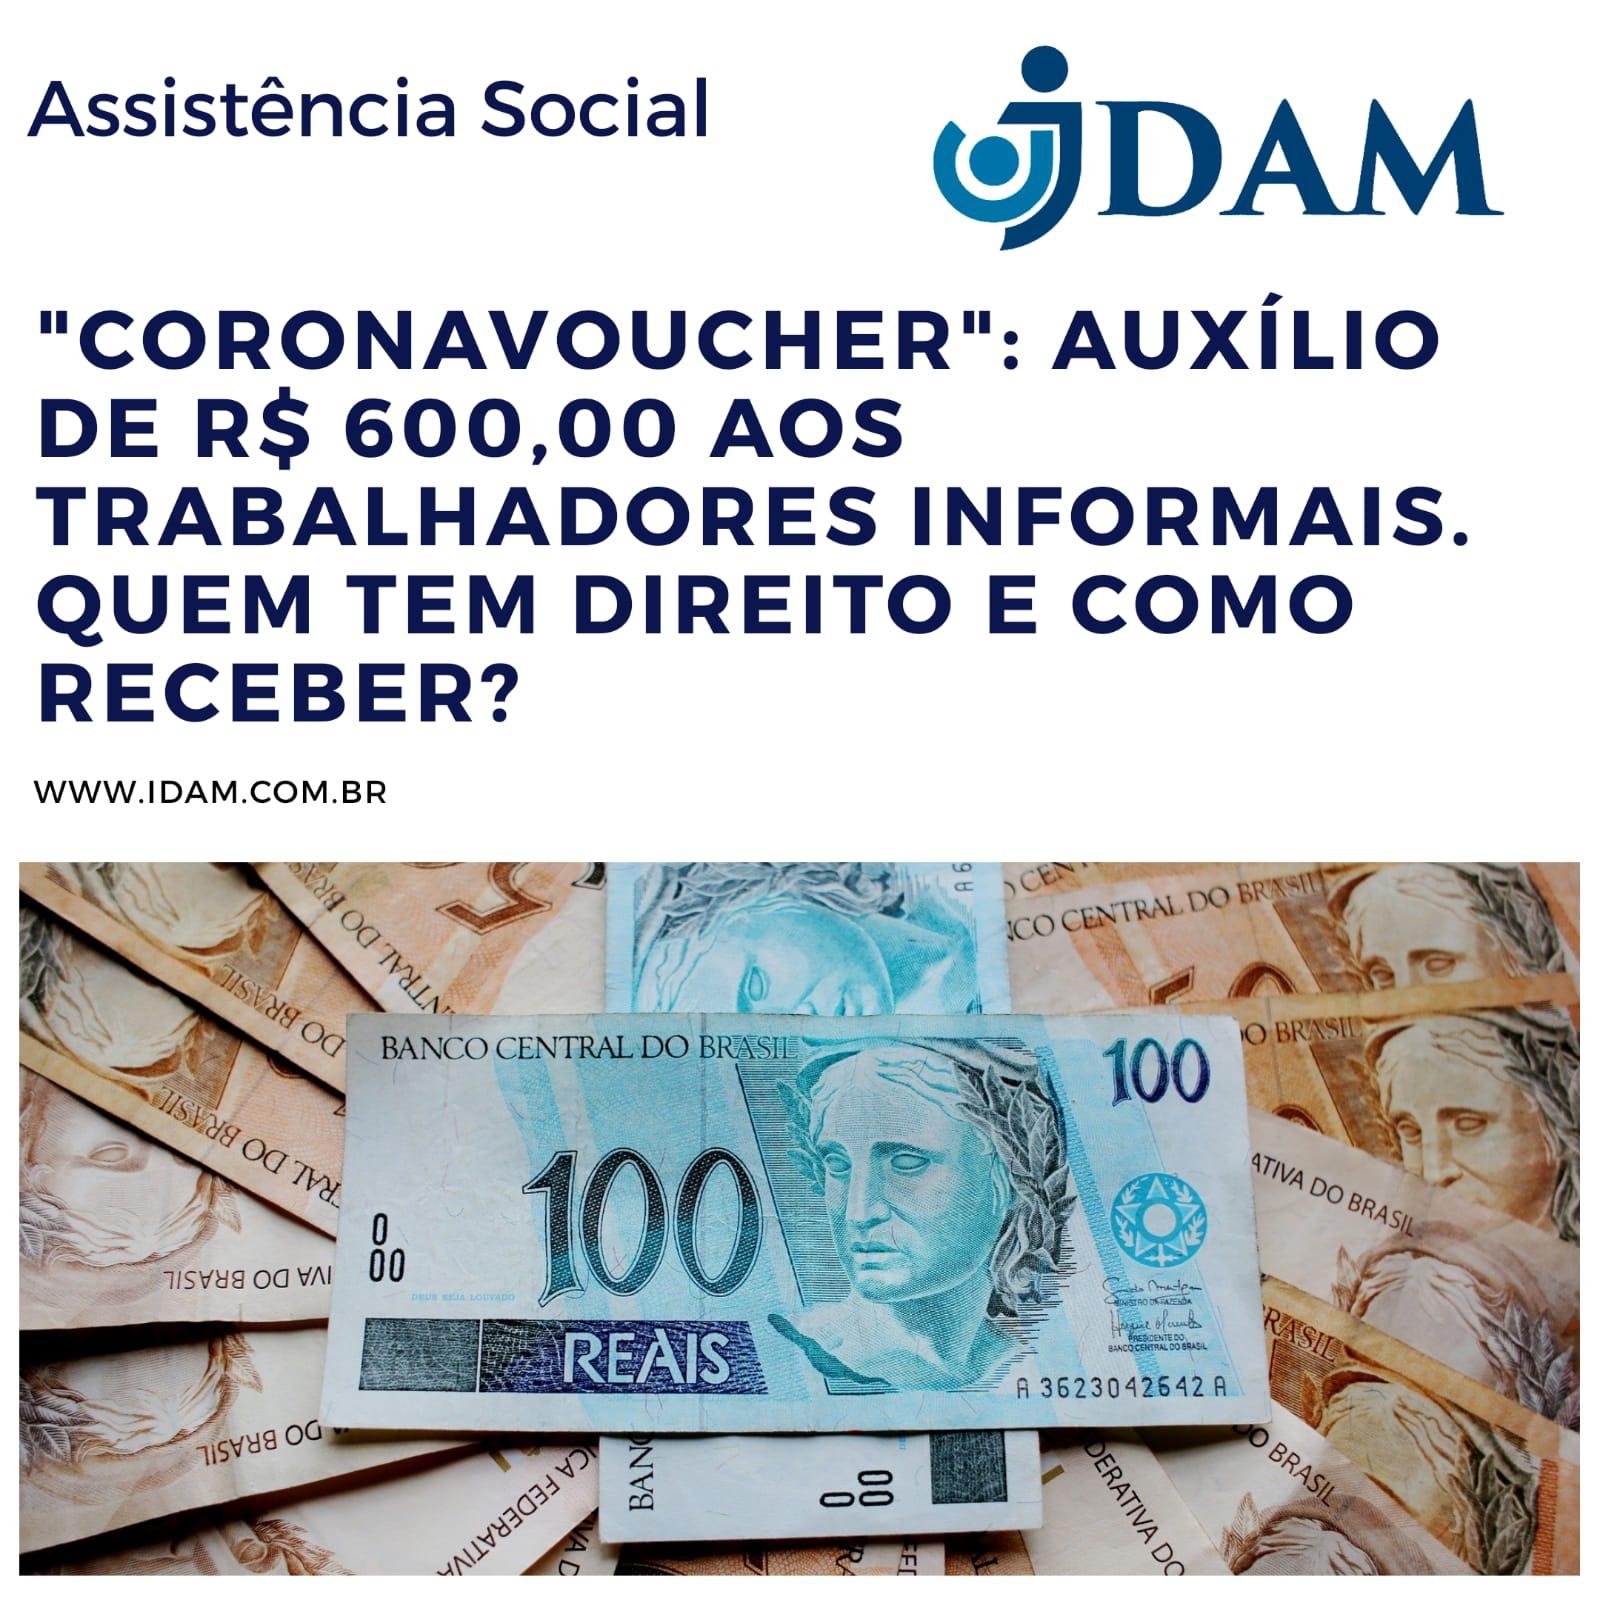 AUXÍLIO DE R$ 600,00 AOS TRABALHADORES INFORMAIS. QUEM TEM DIREITO E COMO RECEBER